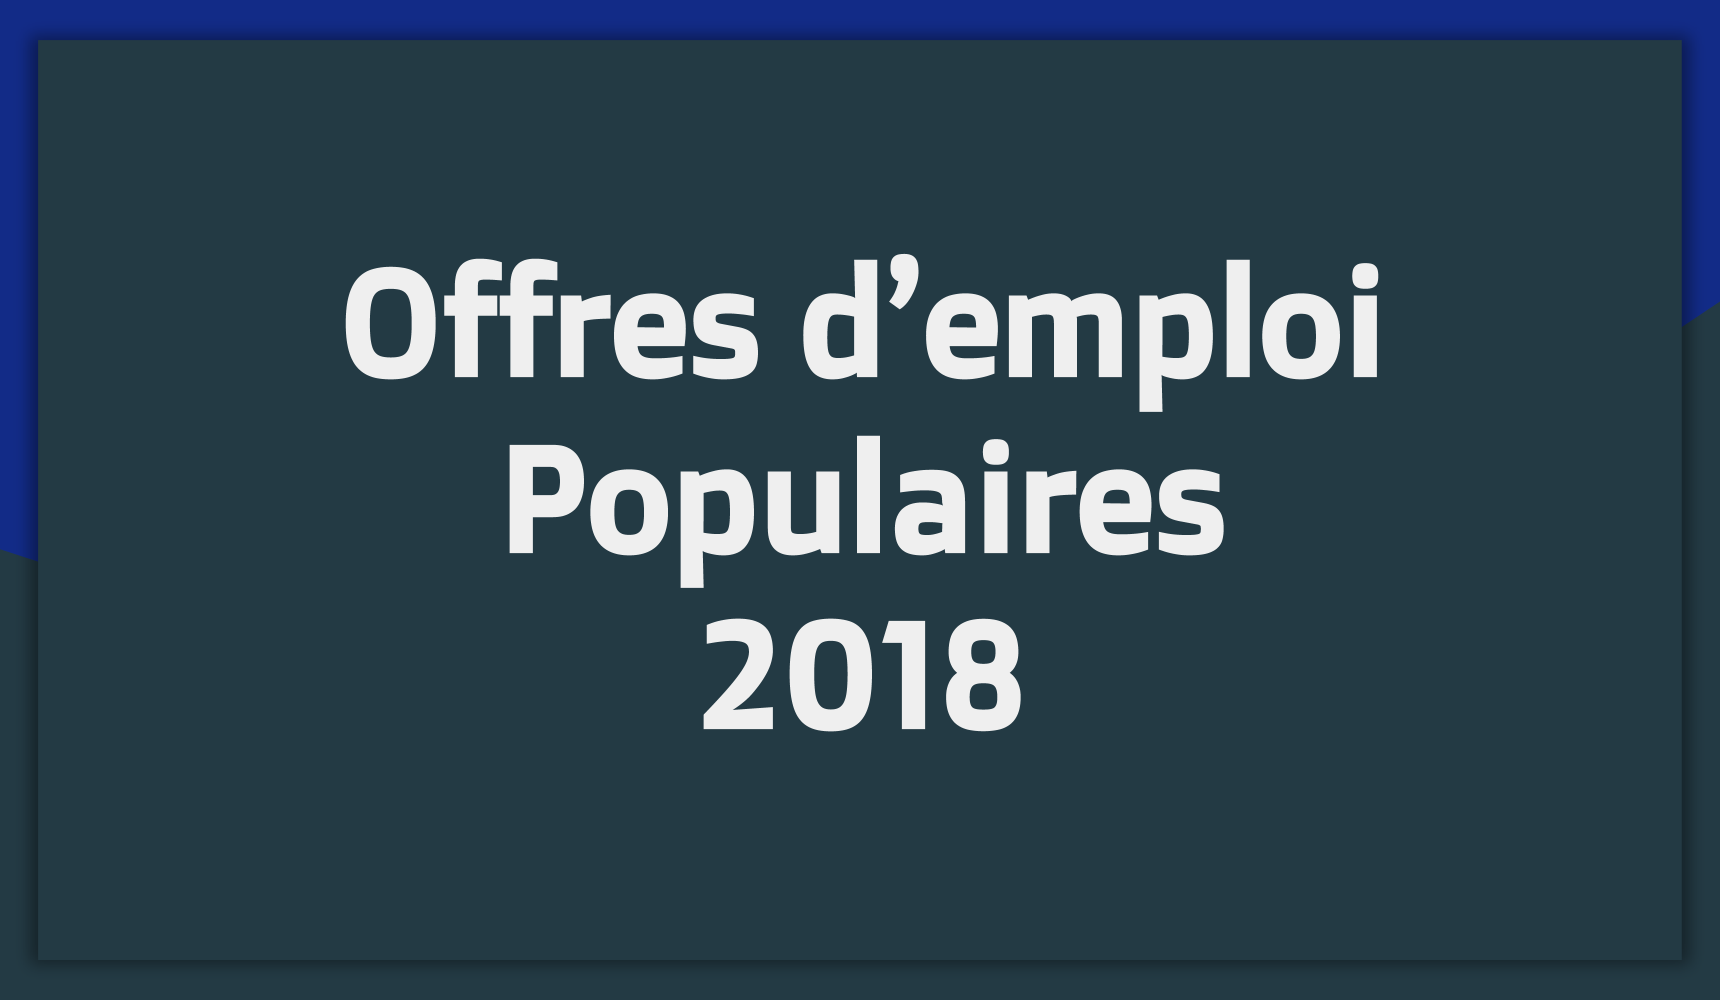 Offres d'emploi Tunisie 2018 Populaires